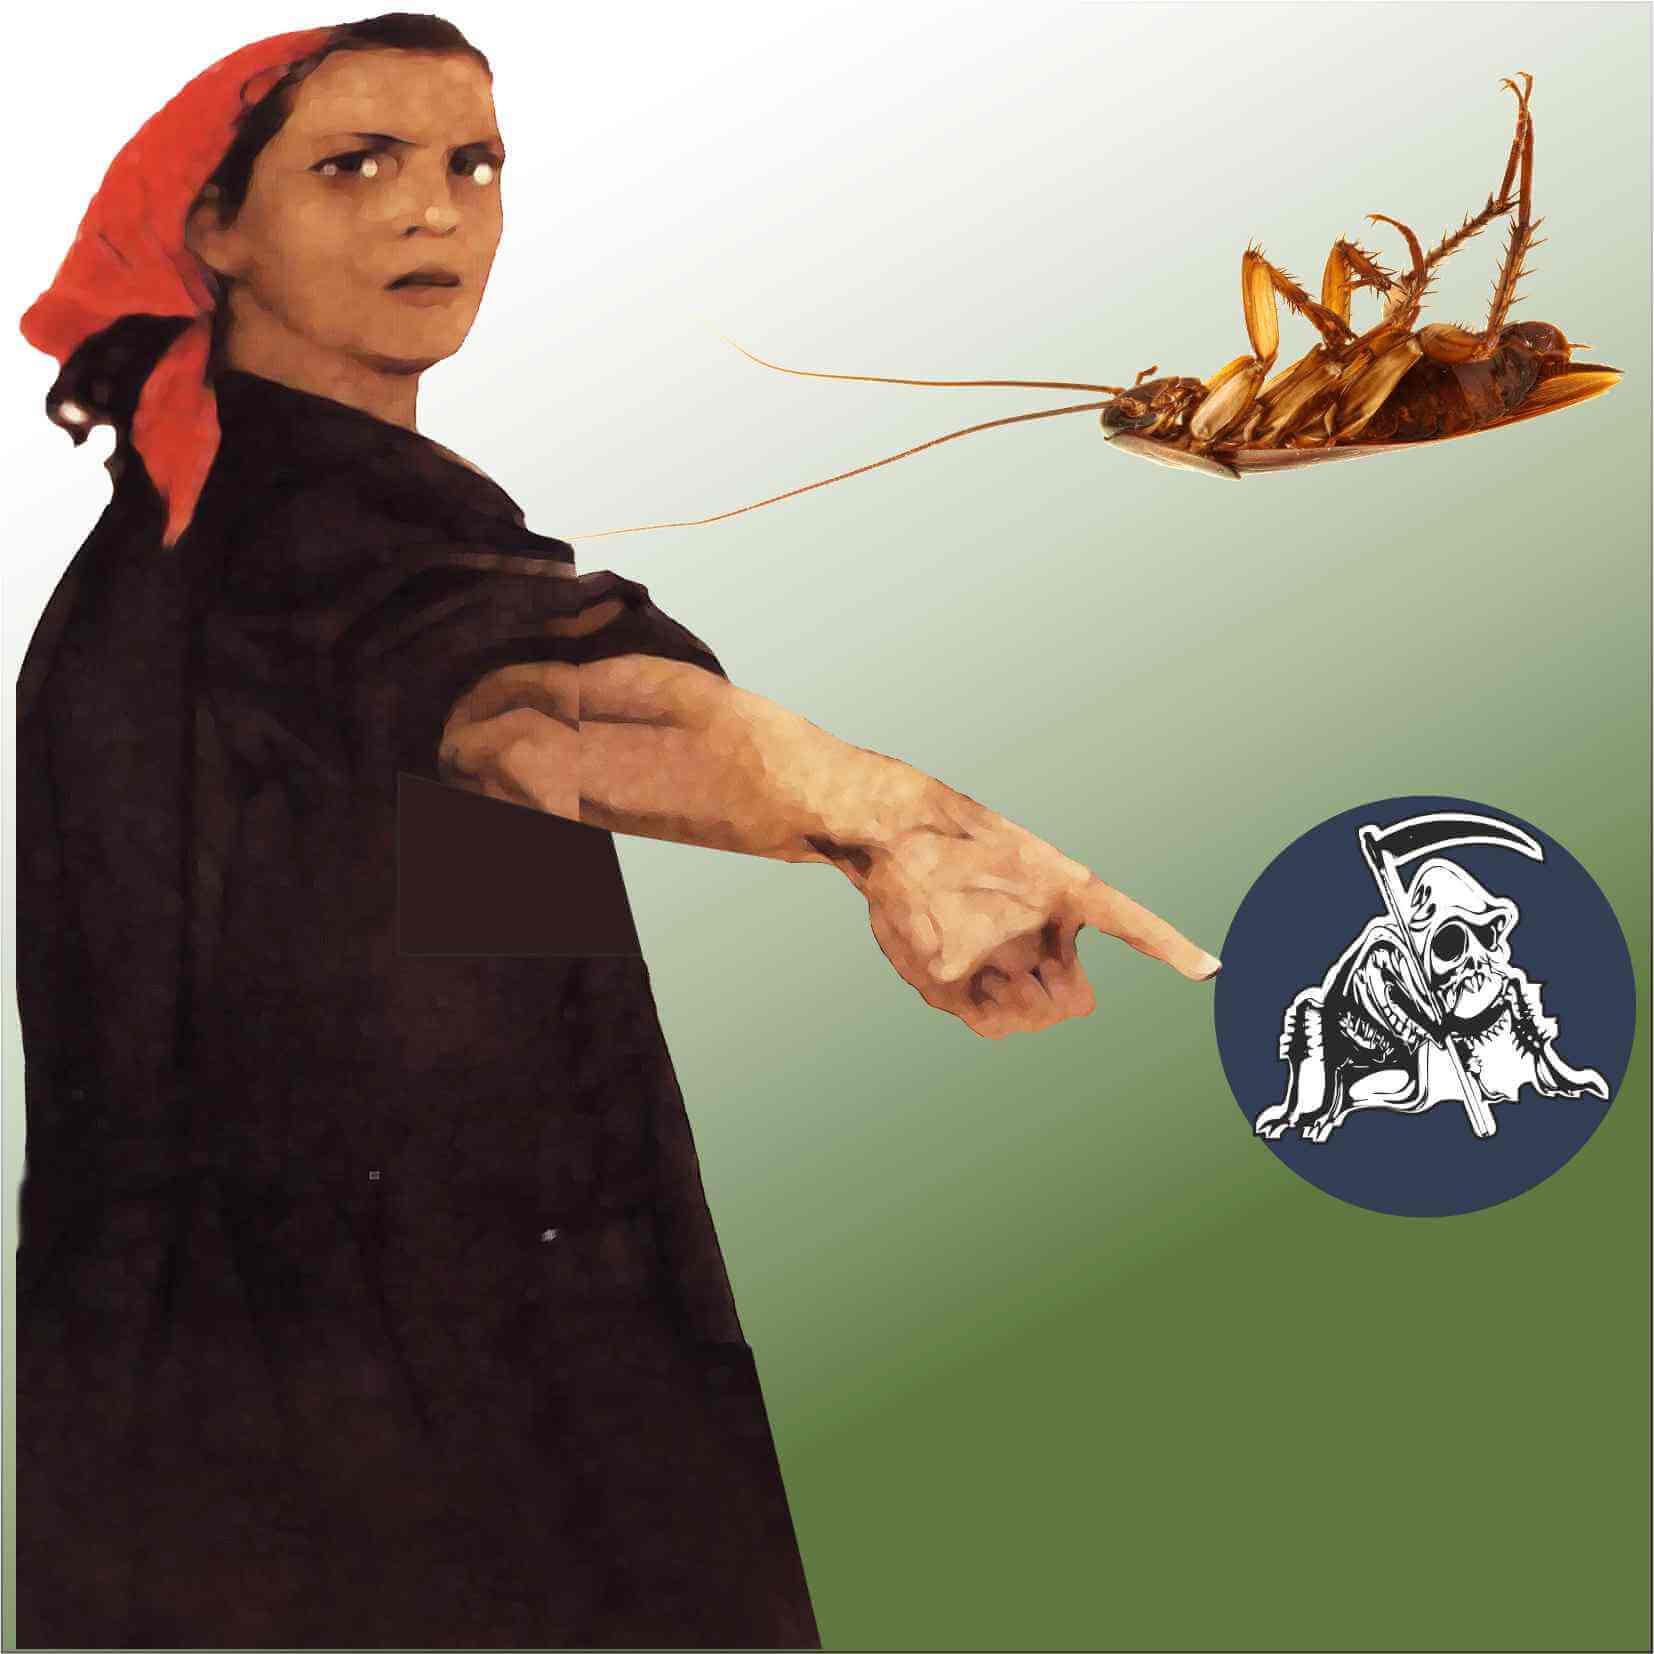 Методика быстрого выведения тараканов из квартиры. Действуй по технологии Дохлокс.